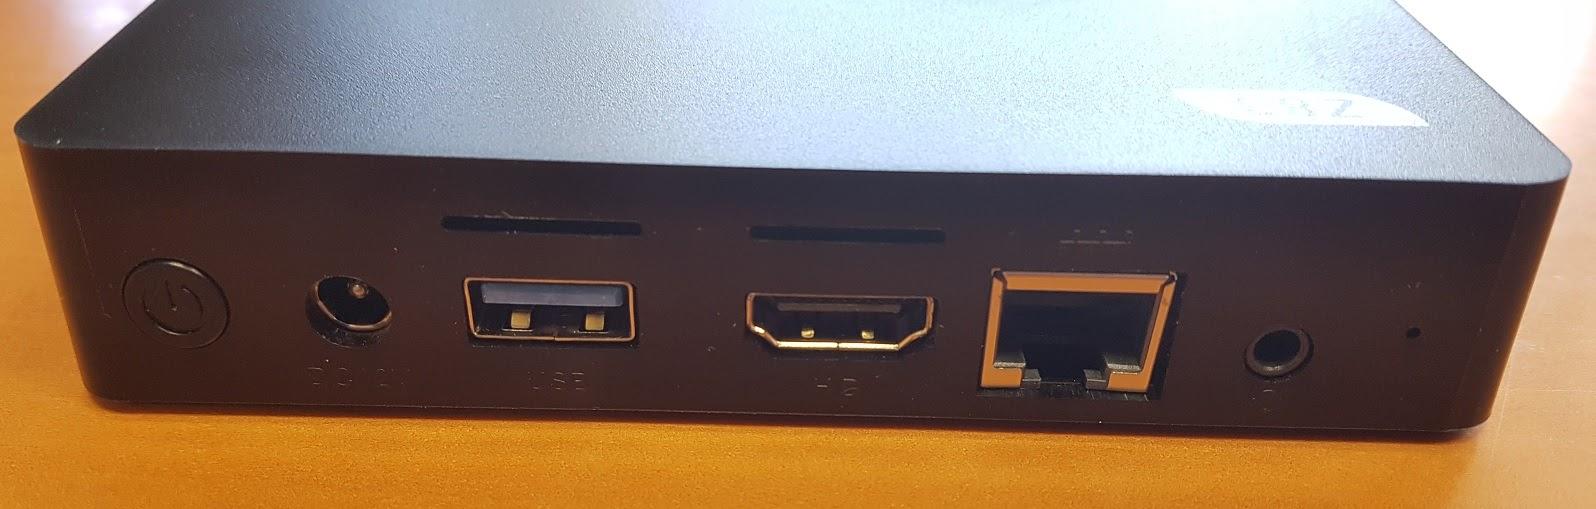 REVIEW] Z83V  Mini PC Windows 10 - Intel Z8350 - Ethernet Gigabit